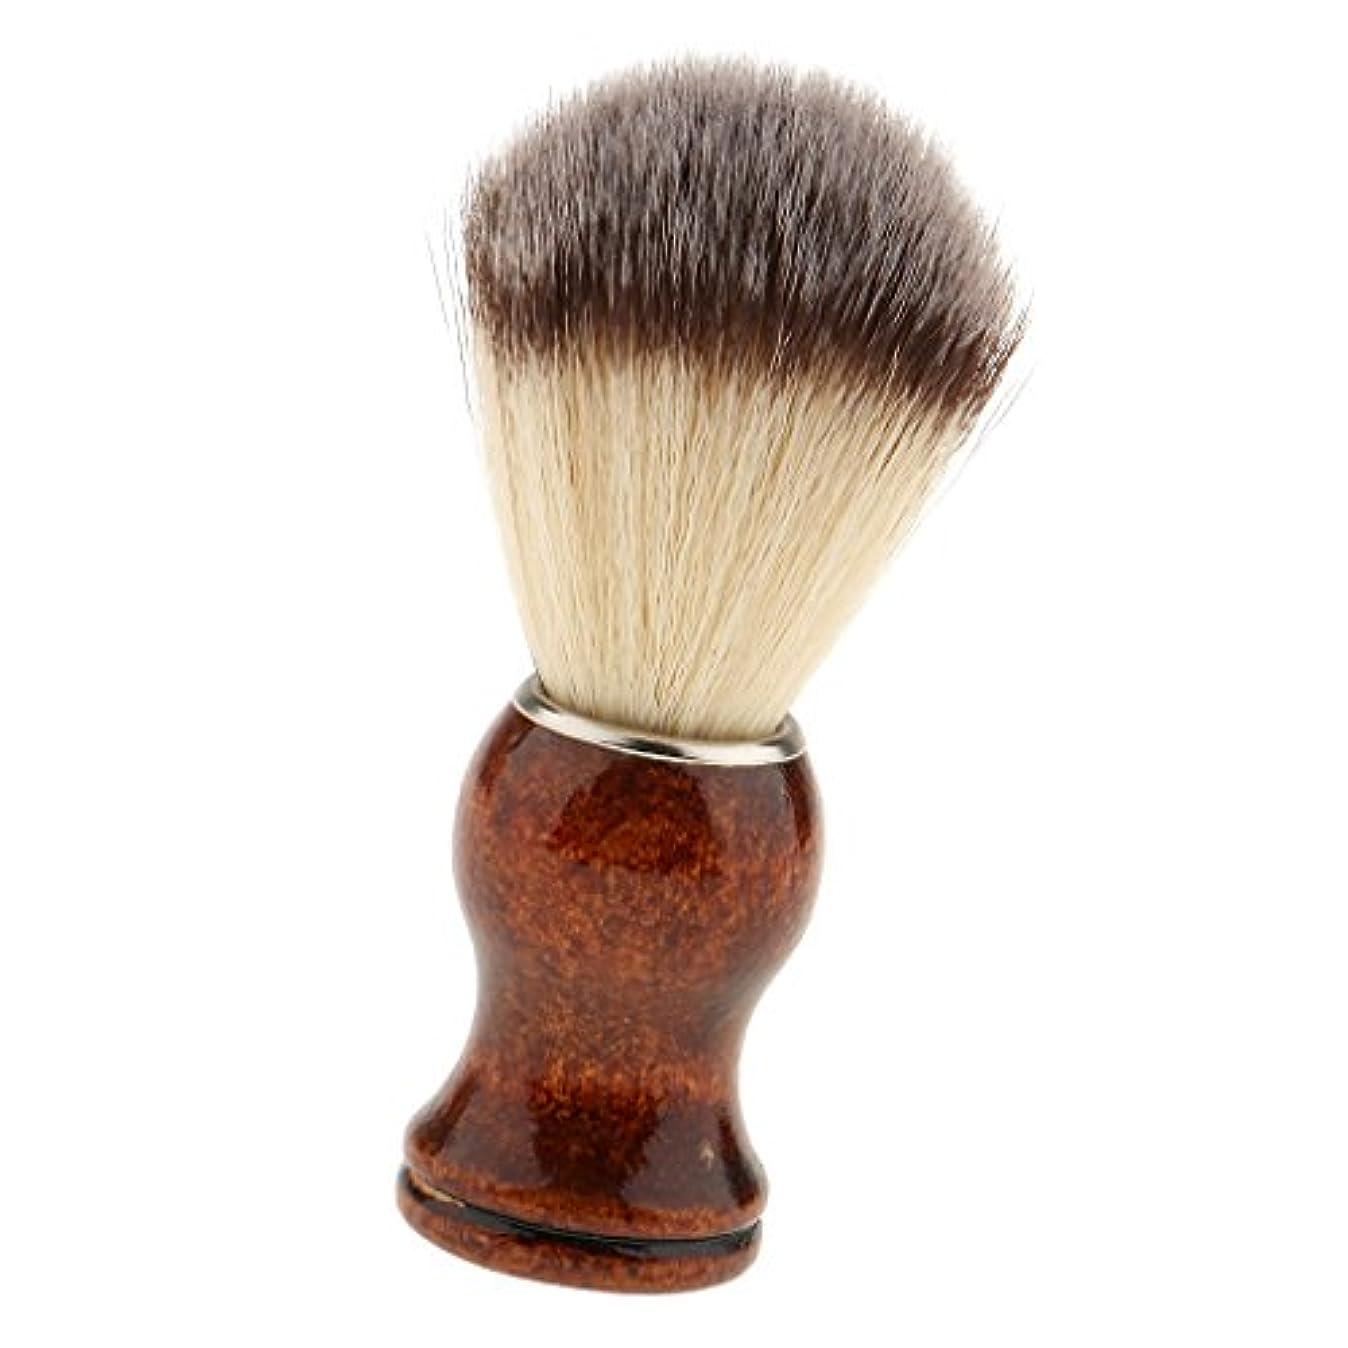 同志目指す情熱サロン ひげブラシ シェービングブラシ メンズ用 ナイロン 理髪用 快適 首/顔 散髪整理 泡たてやすい